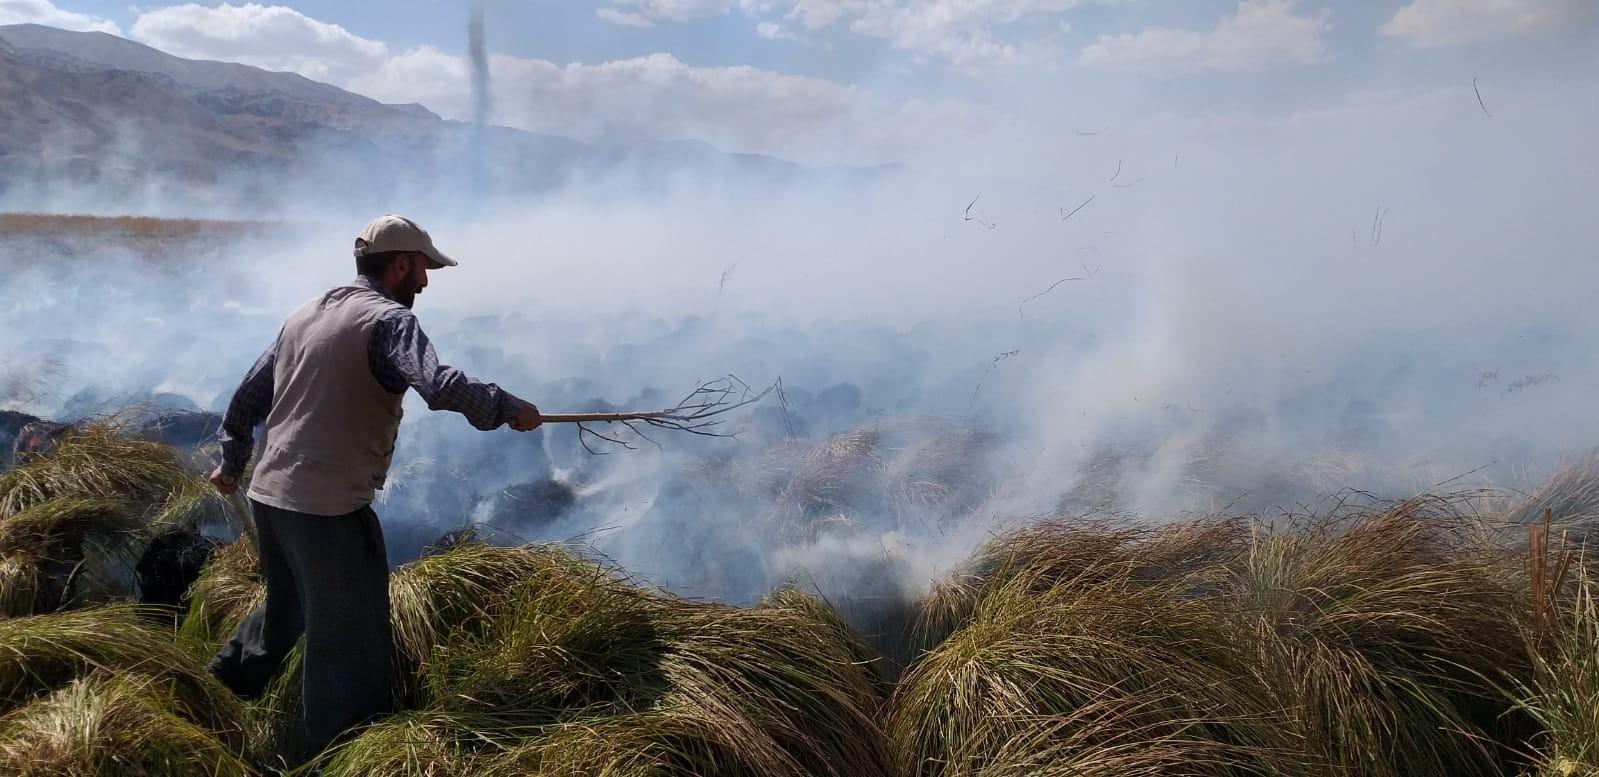 Yüksekova'nın kuş cenneti alev alev yanmaya devam ediyor #hakkari